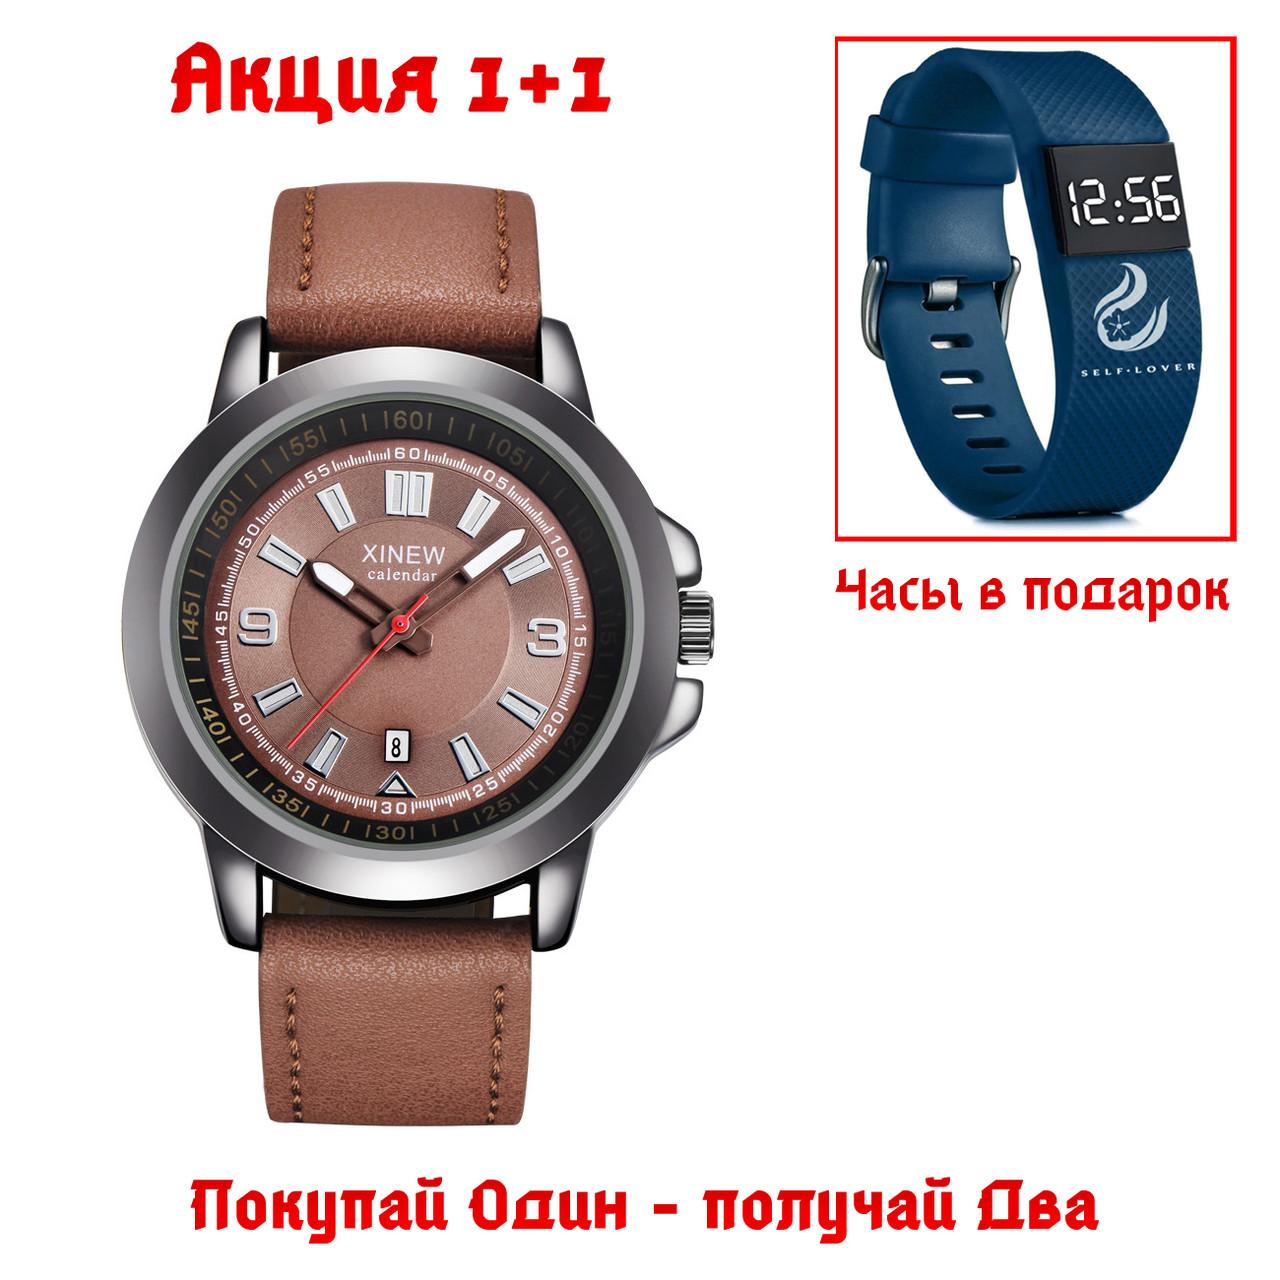 Годинники наручні чоловічі XINEW Premium D3 + Подарунок